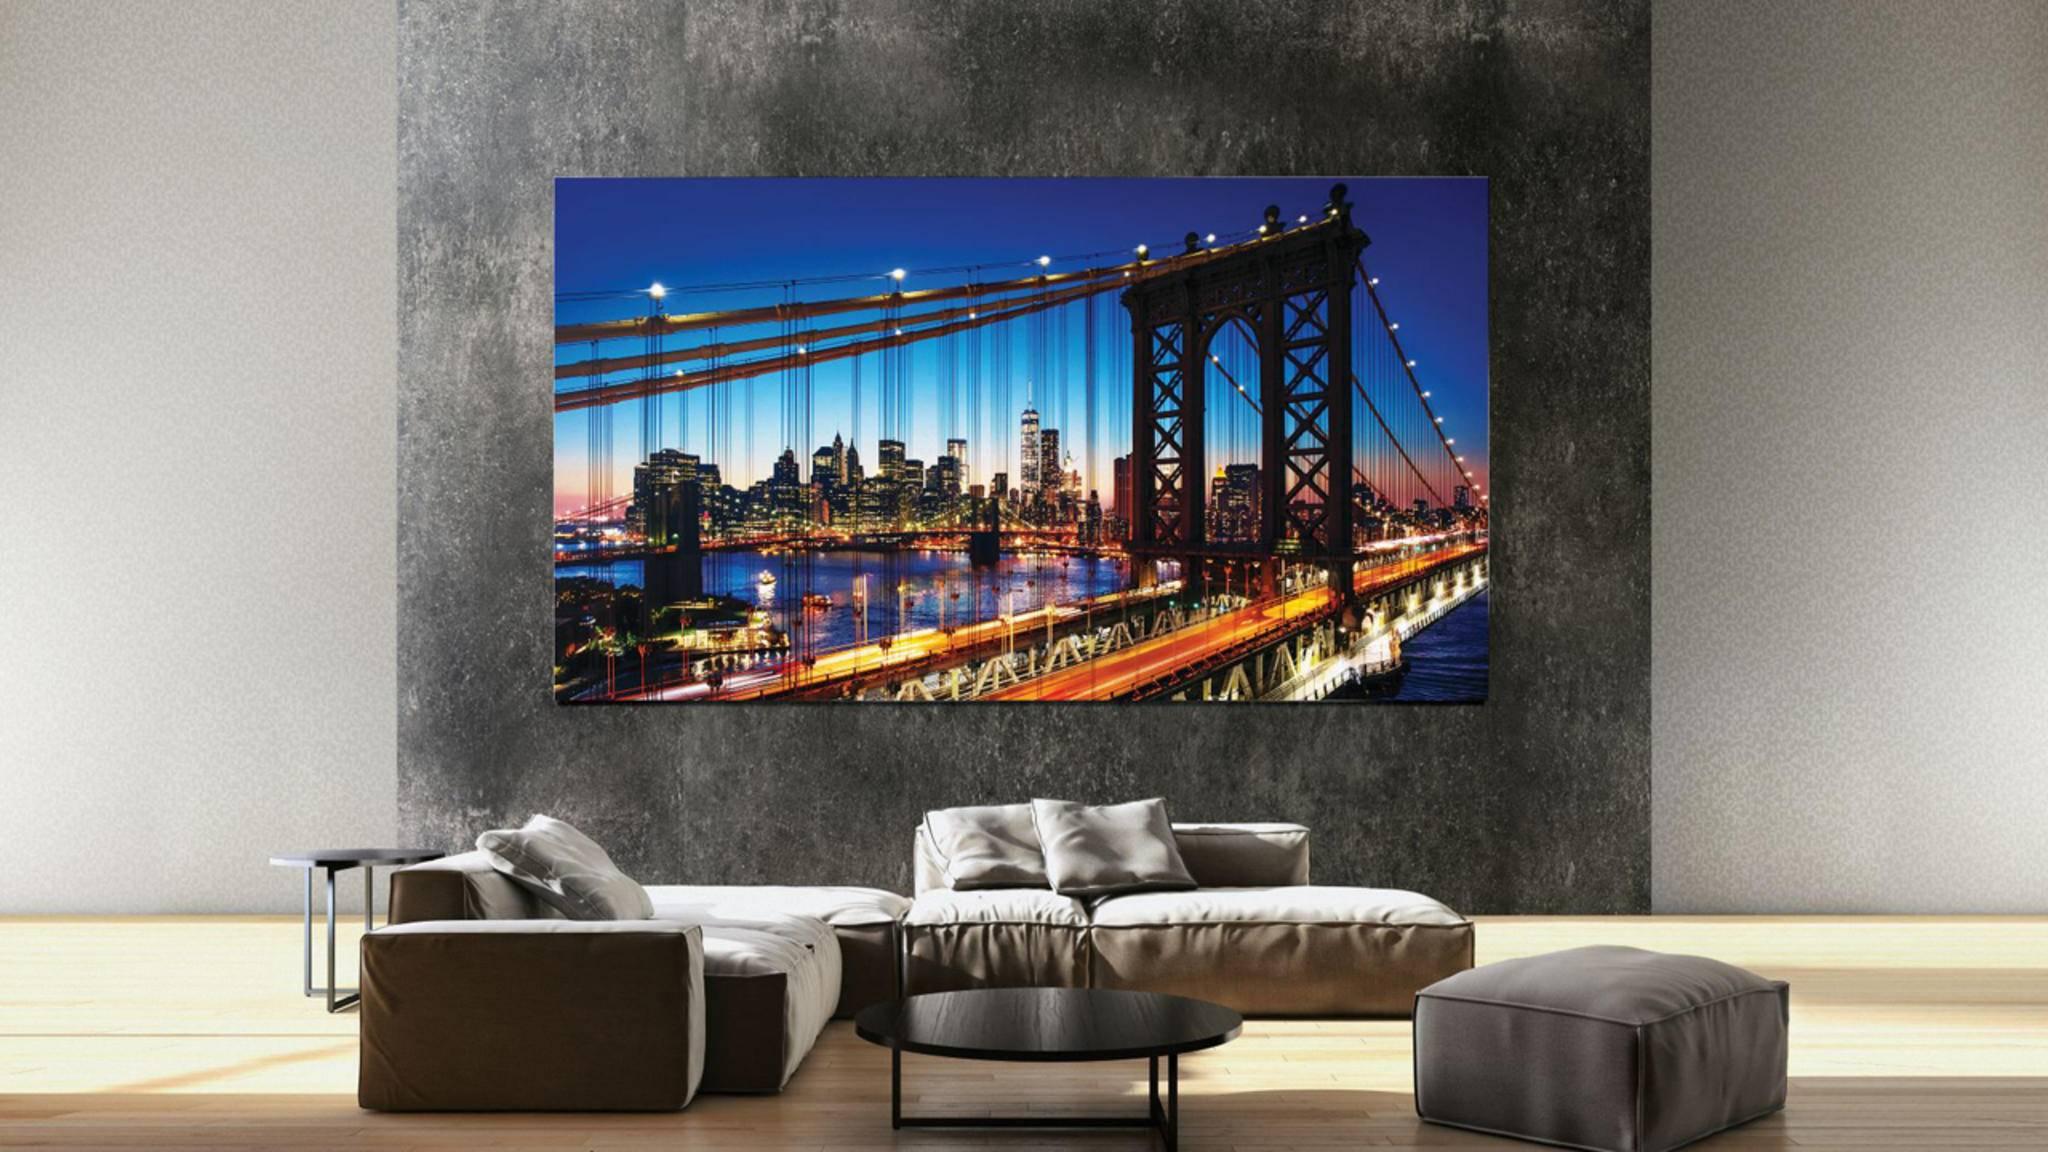 Viele bekannte Hersteller wie Samsung verkaufen mittlerweile auch 8K-TVs.